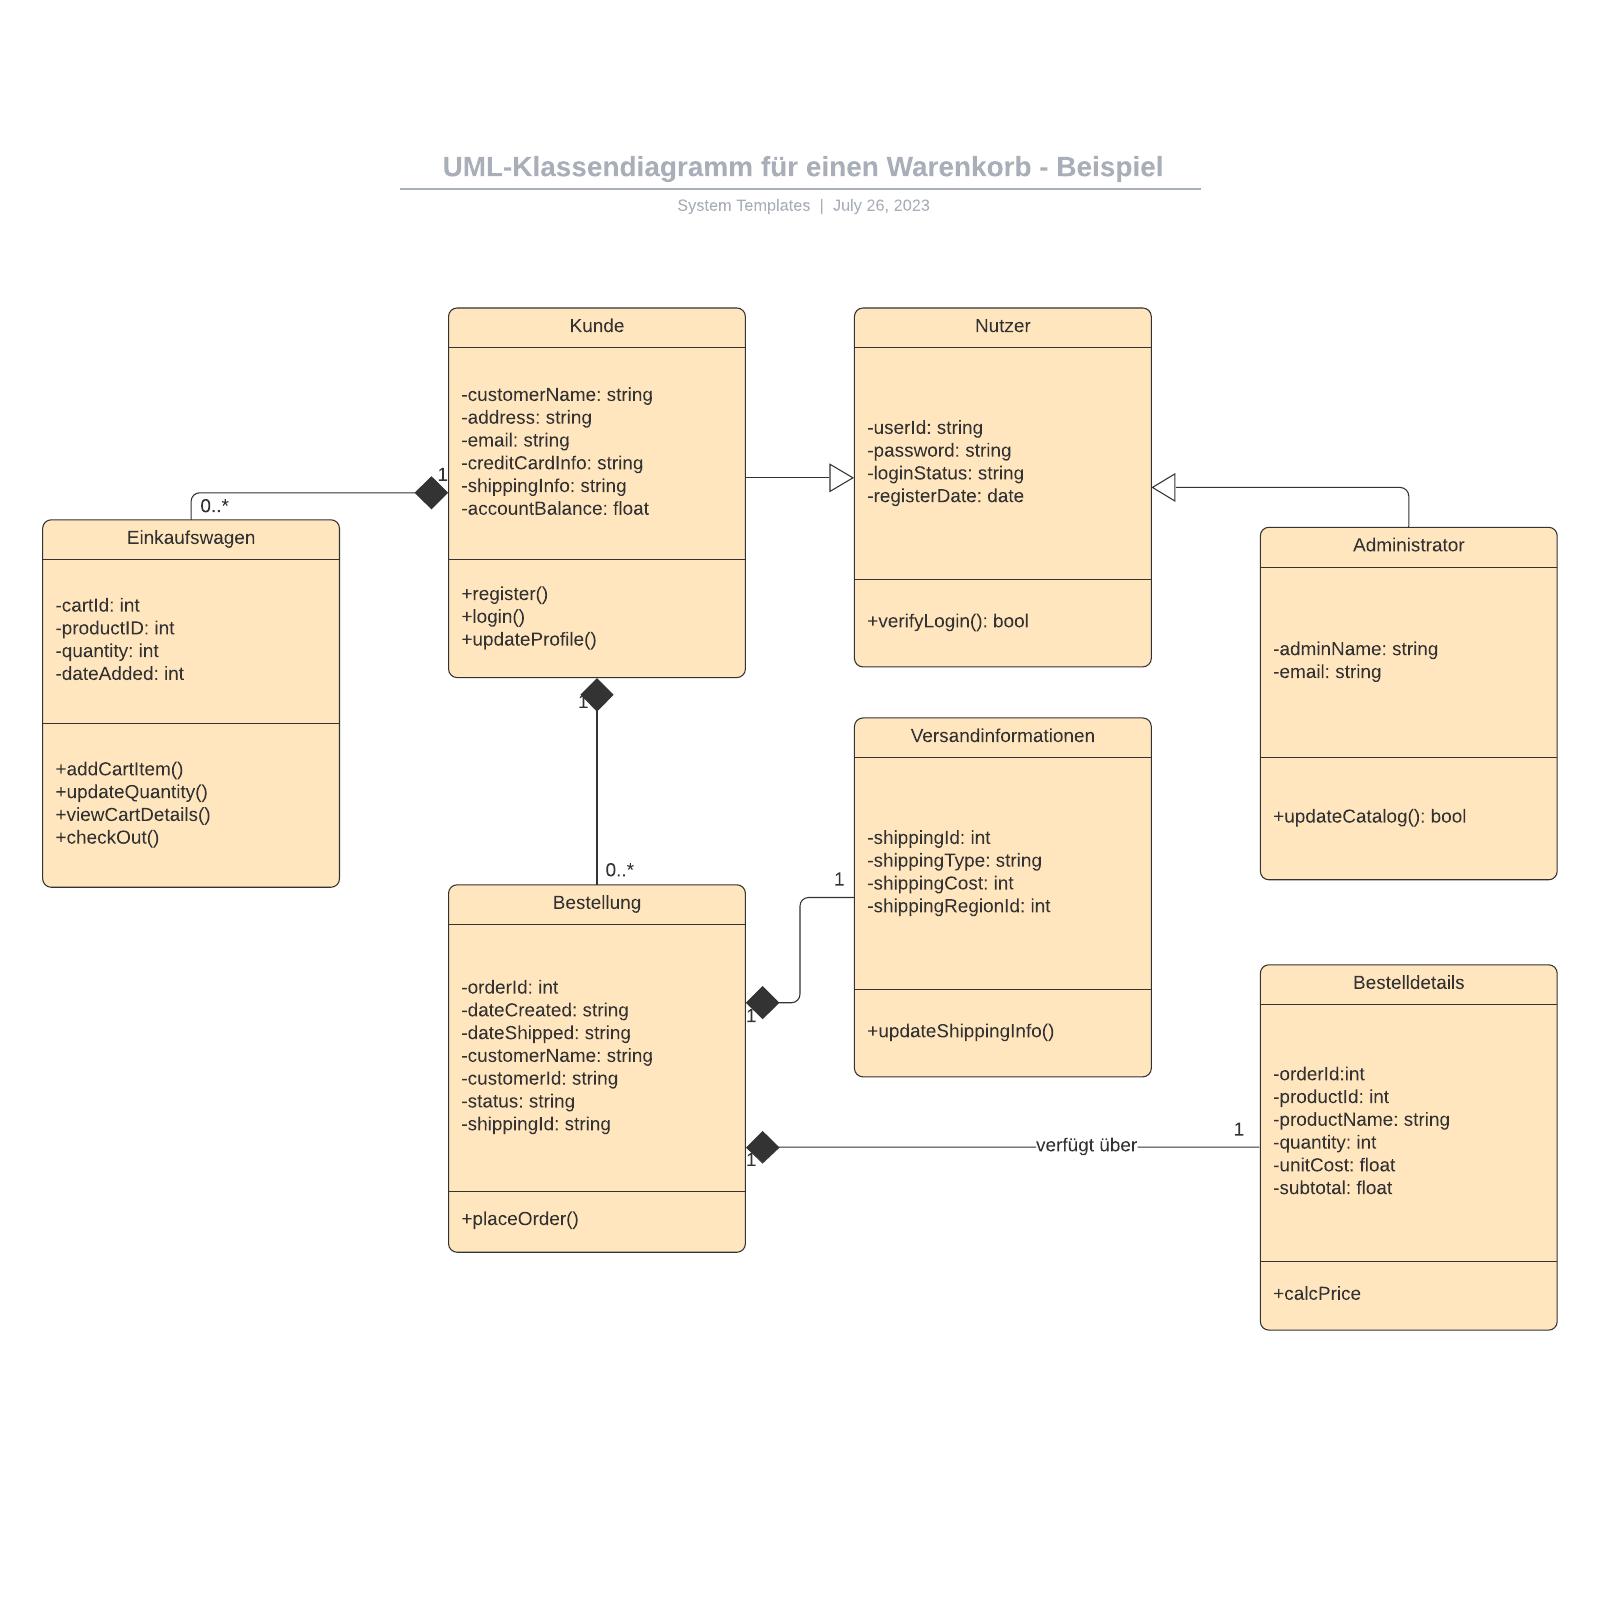 Warenkorb-UML Klassendiagramm Beispiel